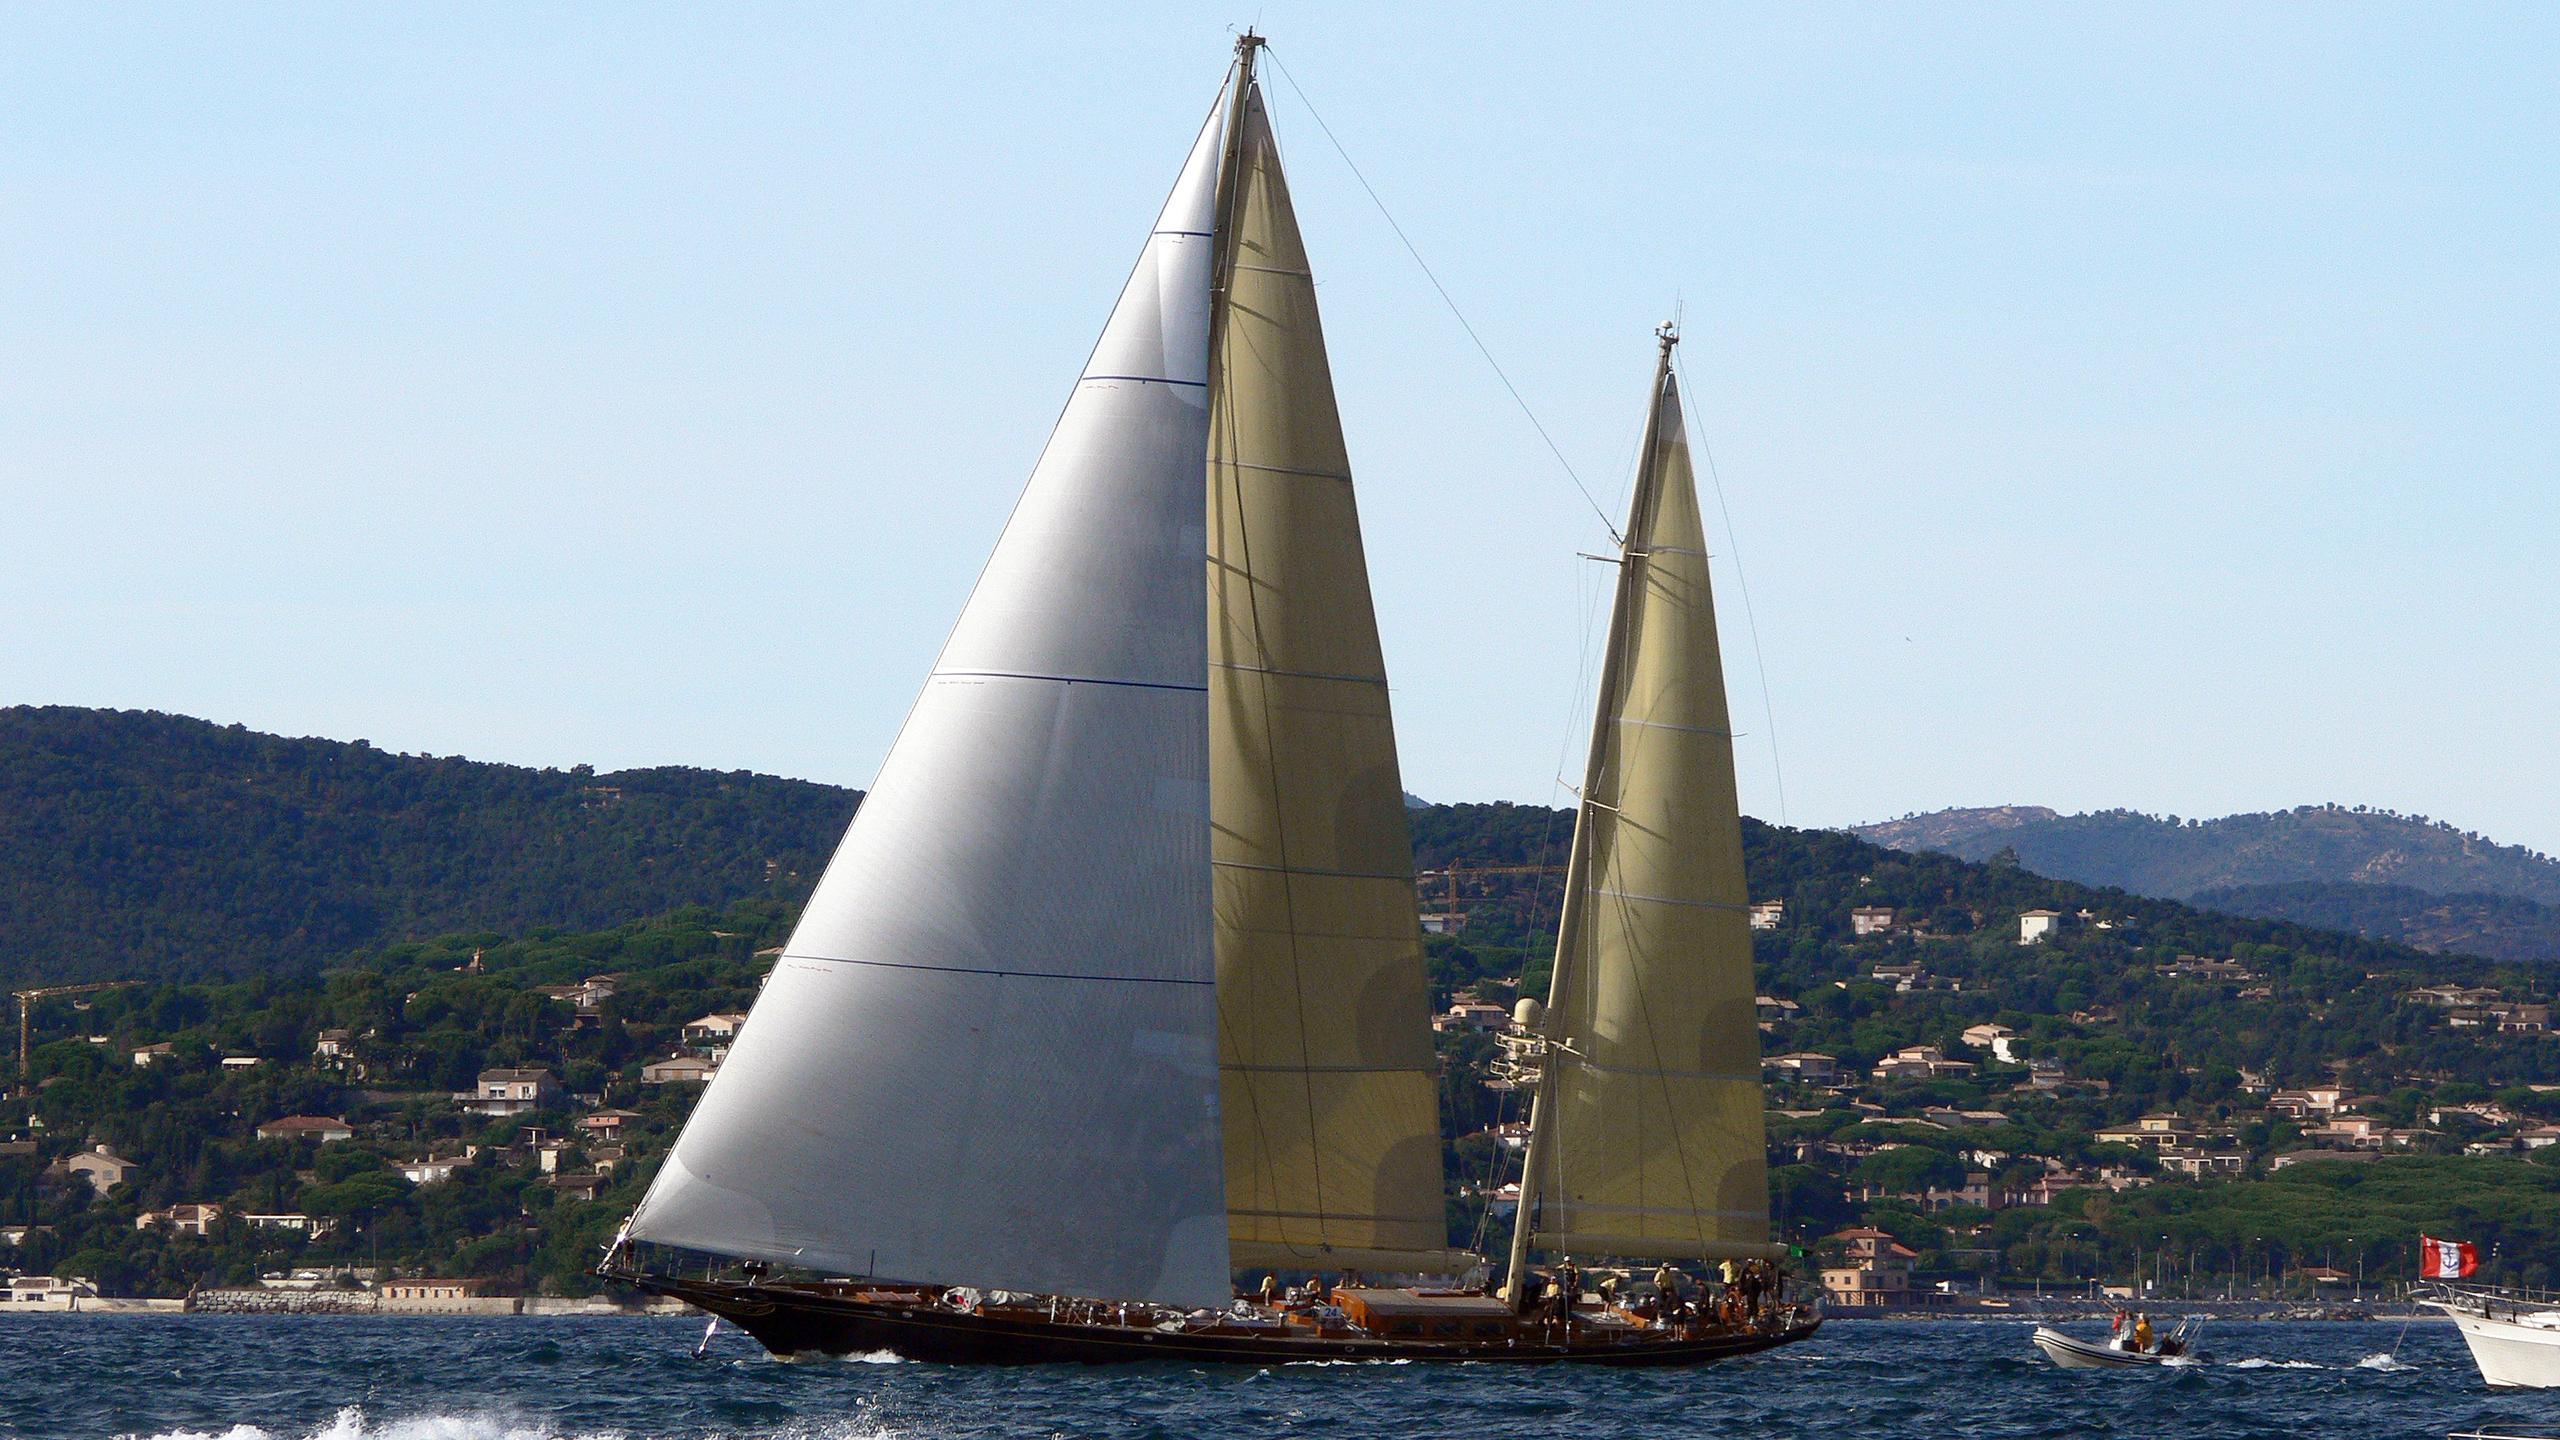 asgard-sailing-yacht-abeking-rasmussen-1993-43m-cruising-profile